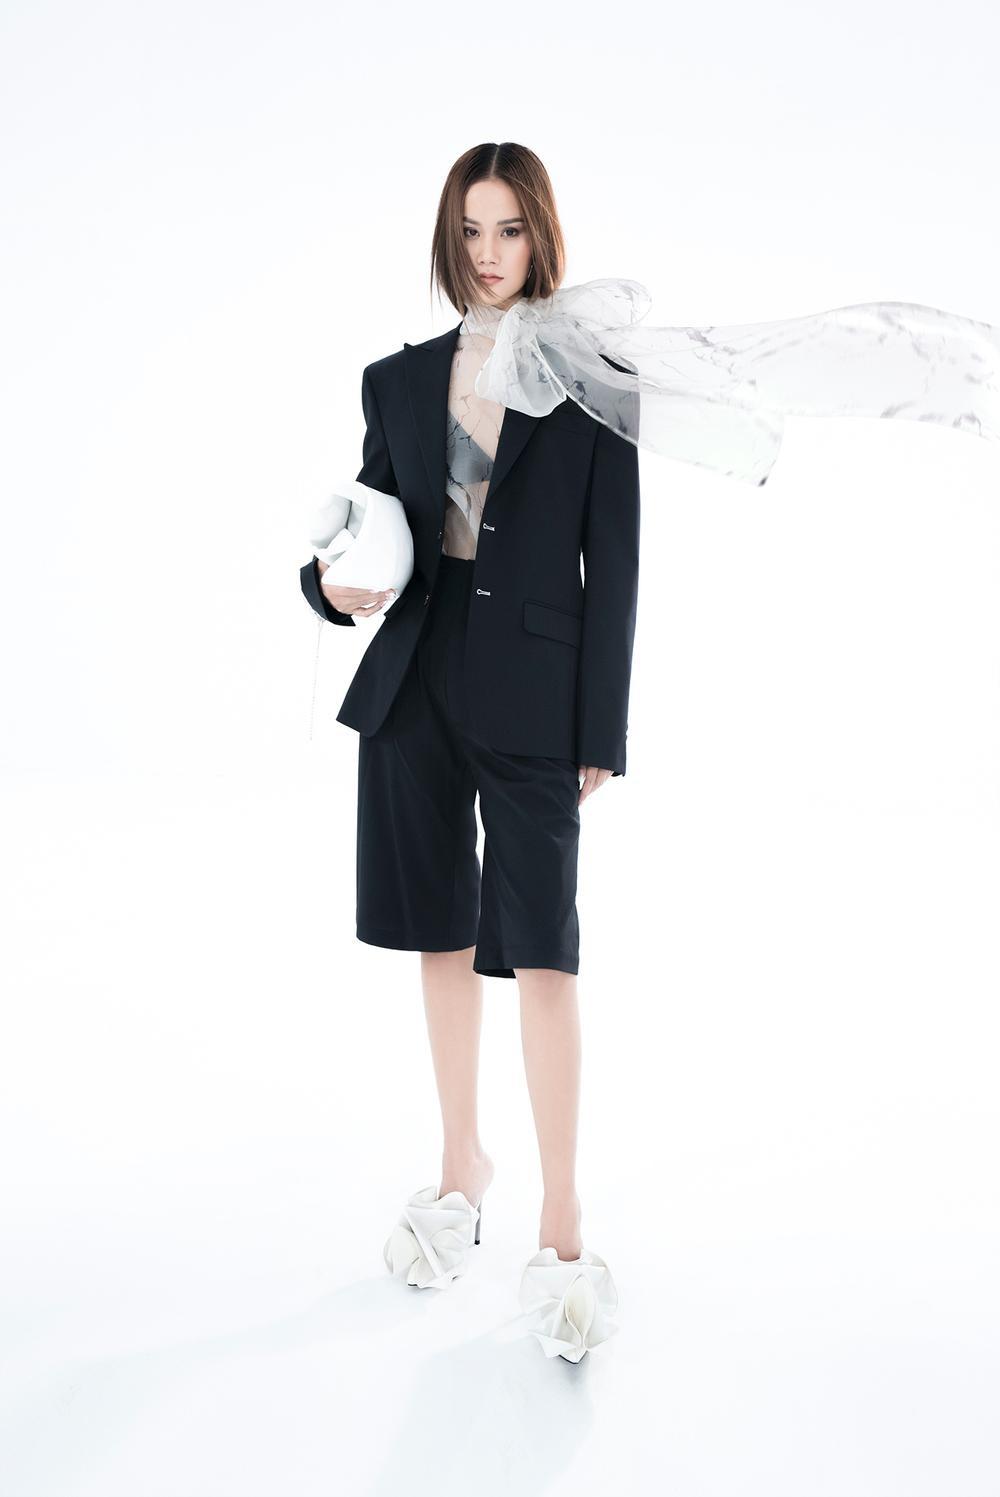 NTK Trần Hùng ra mắt BST tại London Fashion Week, chỉ dùng một người mẫu duy nhất Ảnh 6